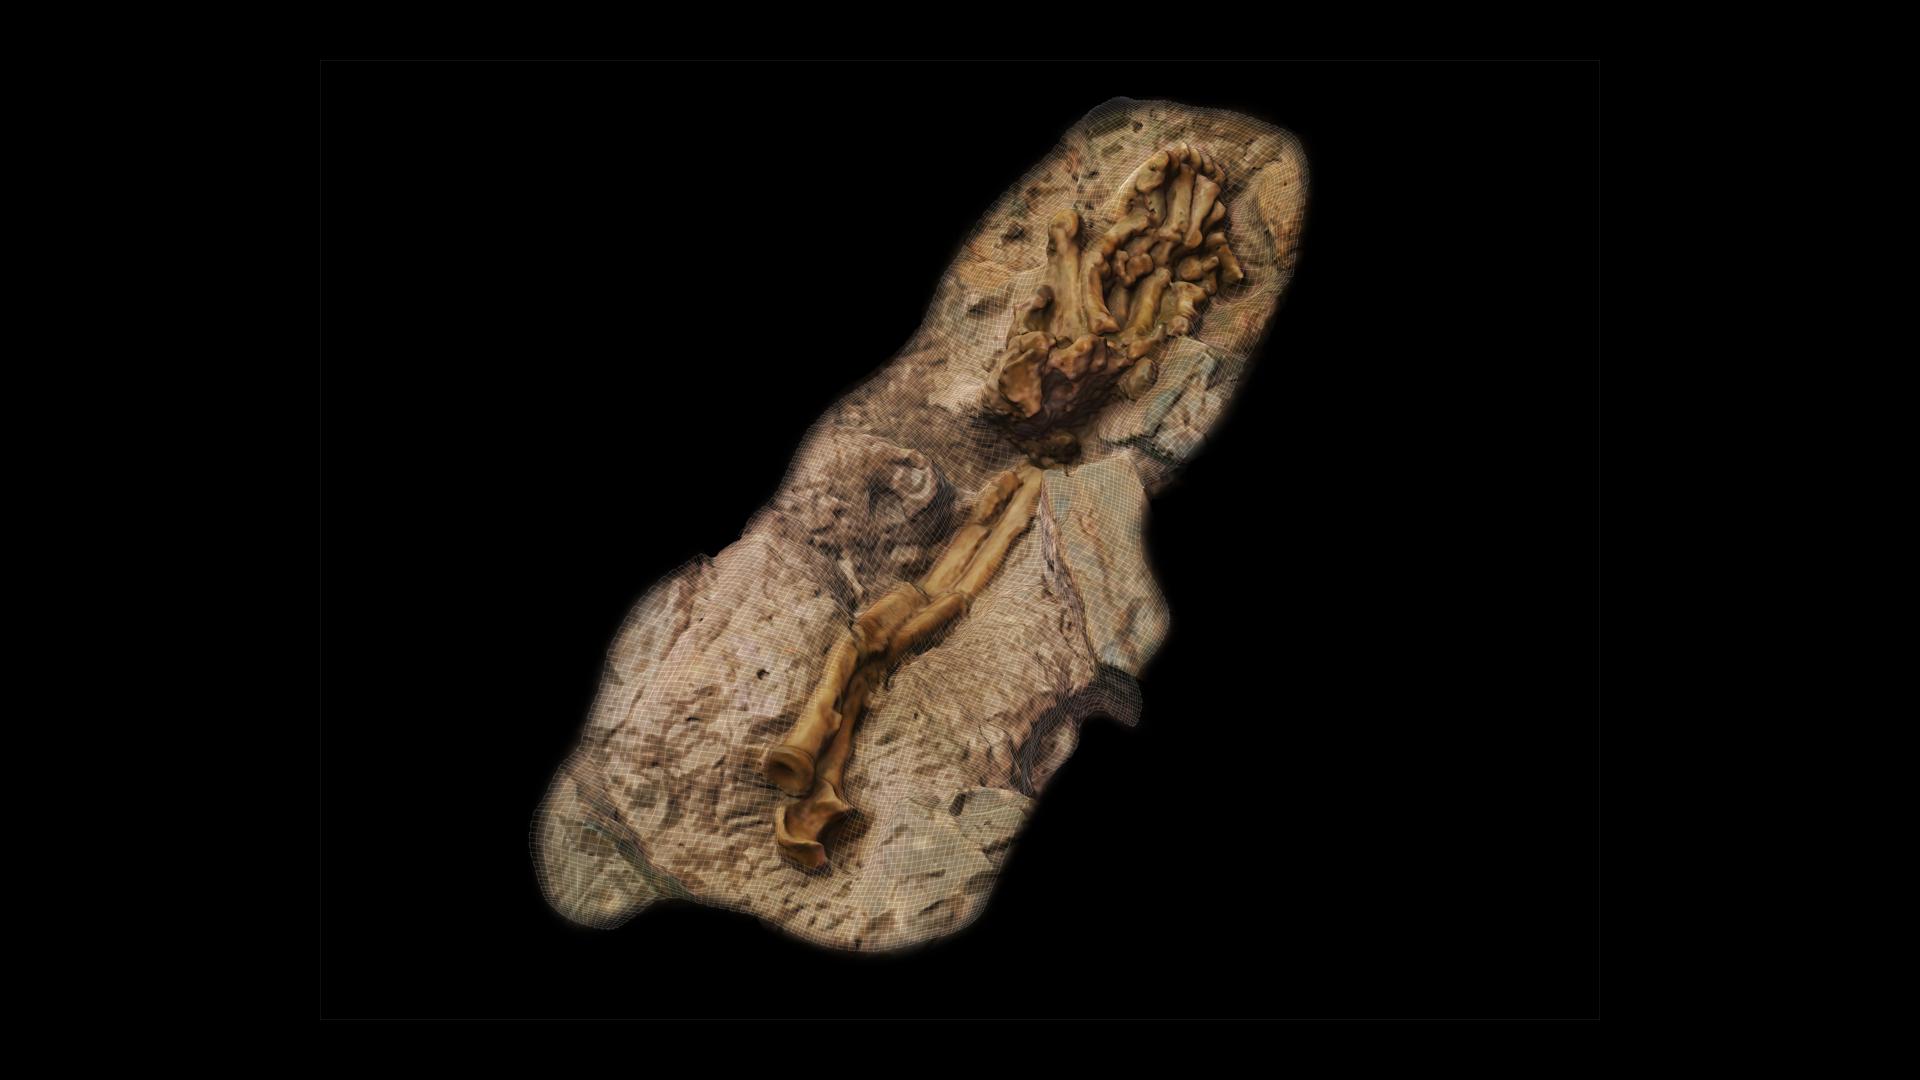 Numérisation 3D - 3D scanning - Little Foot